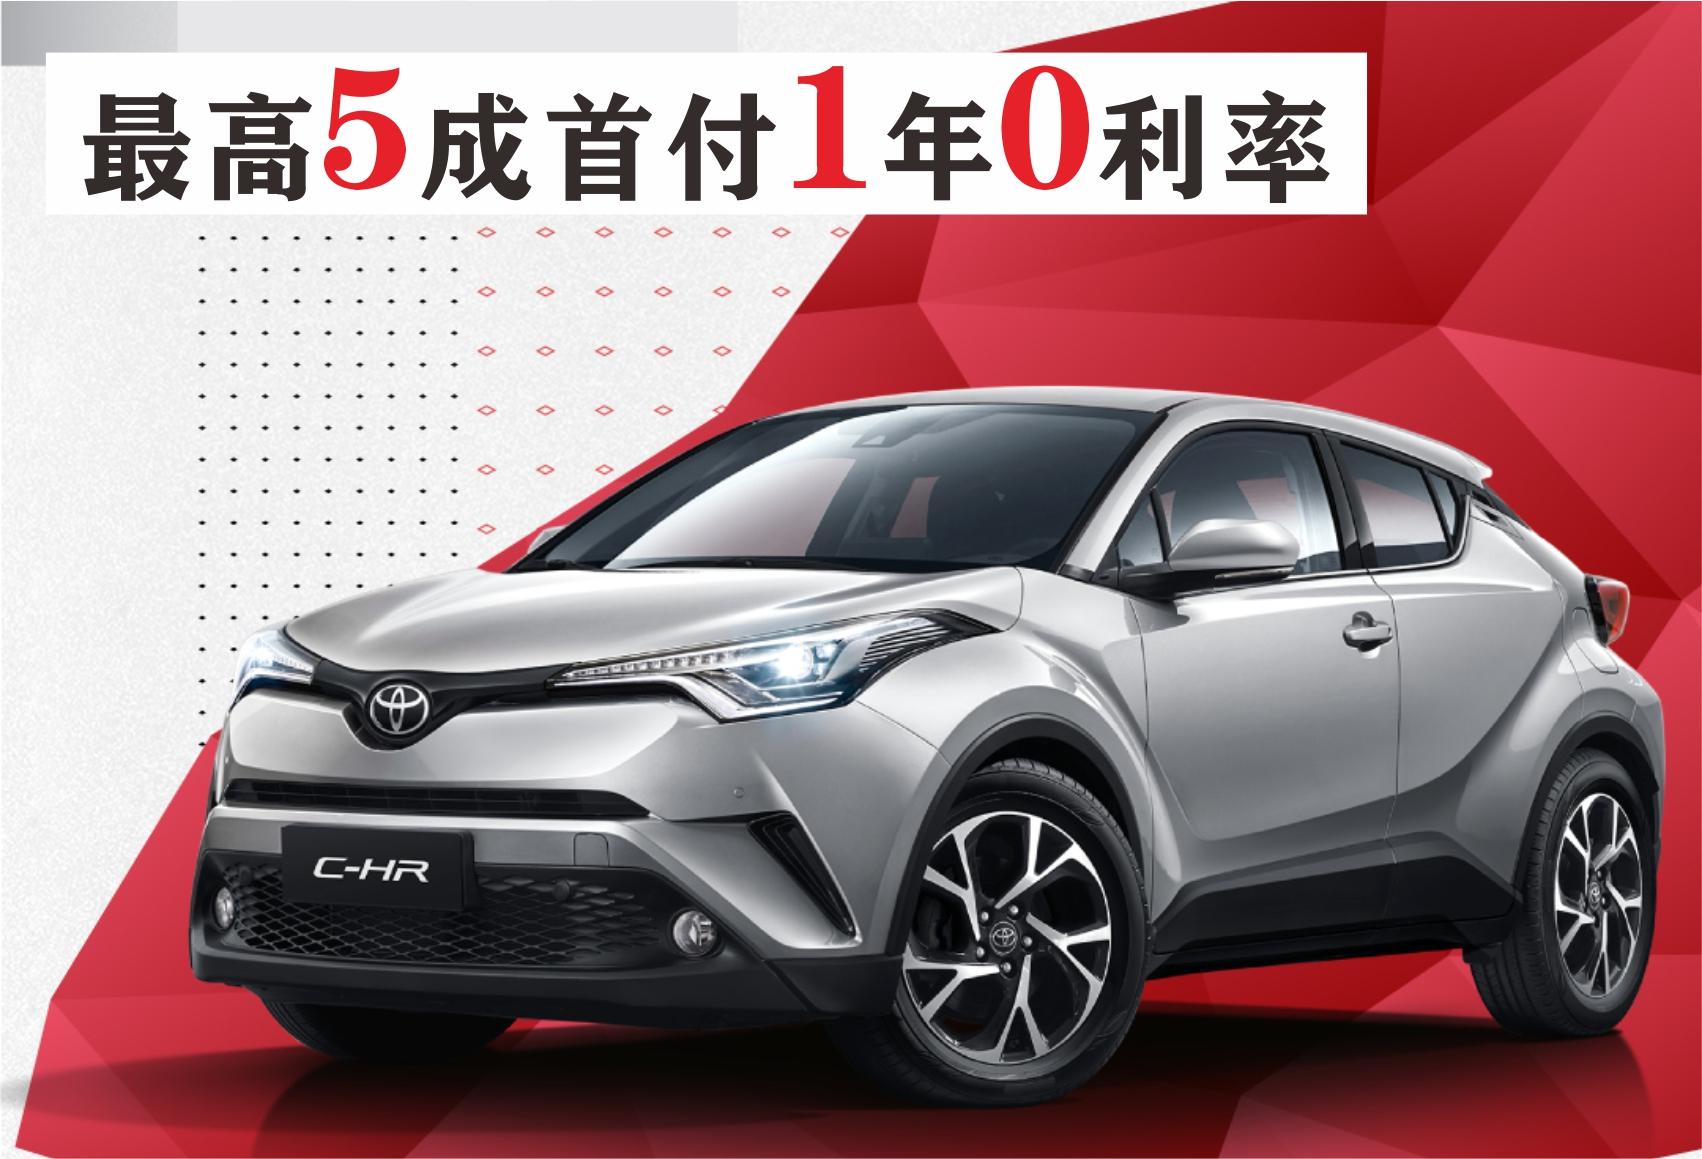 塘厦东鑫丰田C-HR优惠1万 欢迎试乘试驾